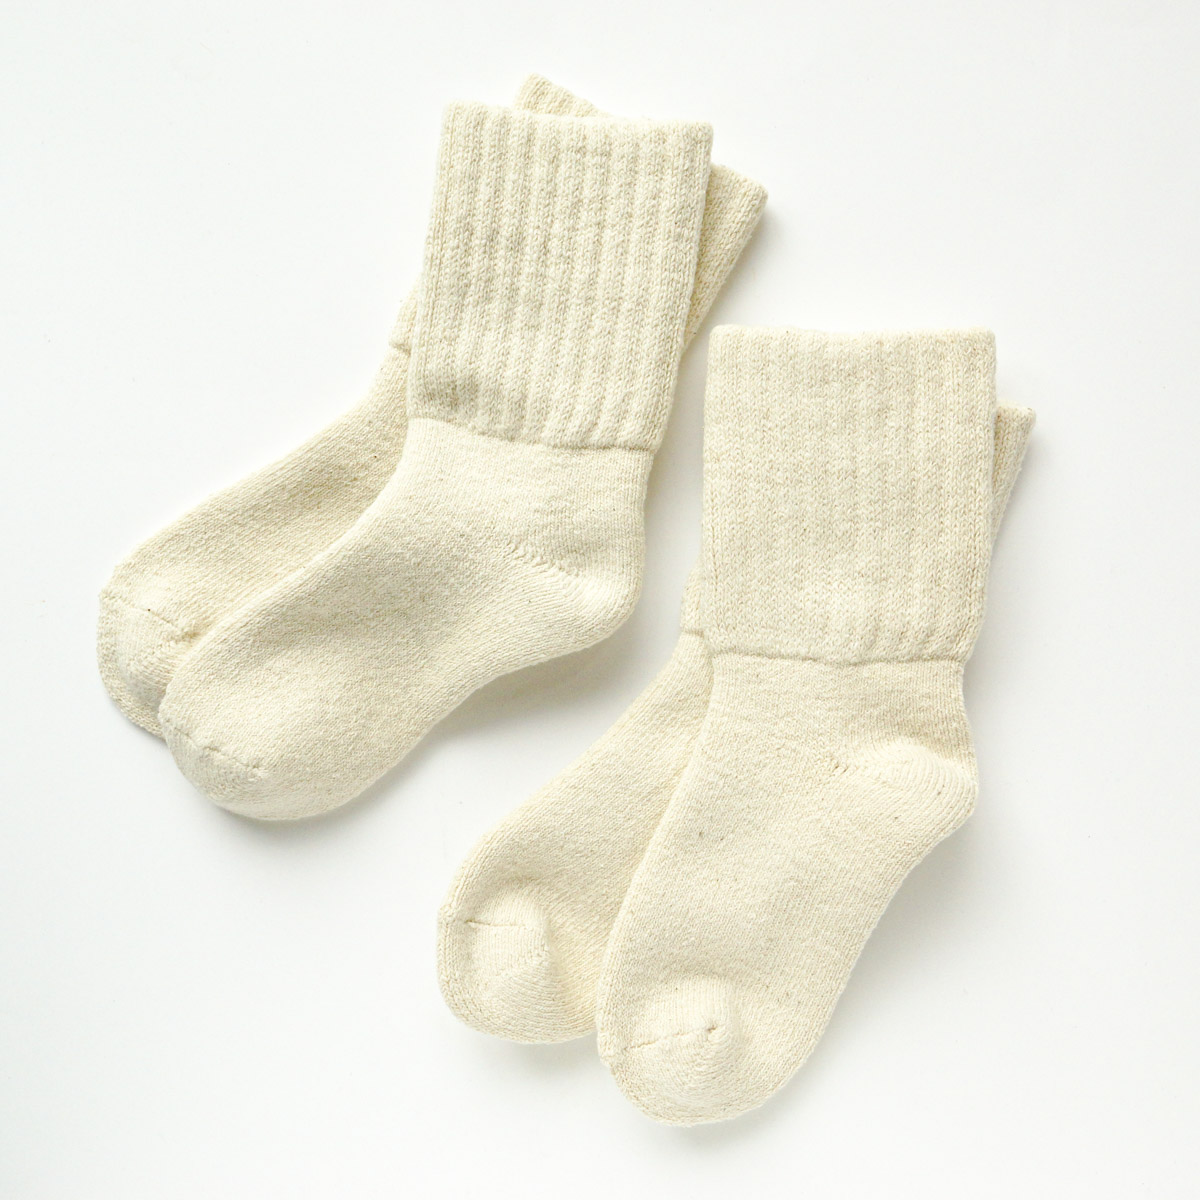 肌触りバツグンのふわふわパイル地。ガラ紡のくつろぎ靴下 2足セット